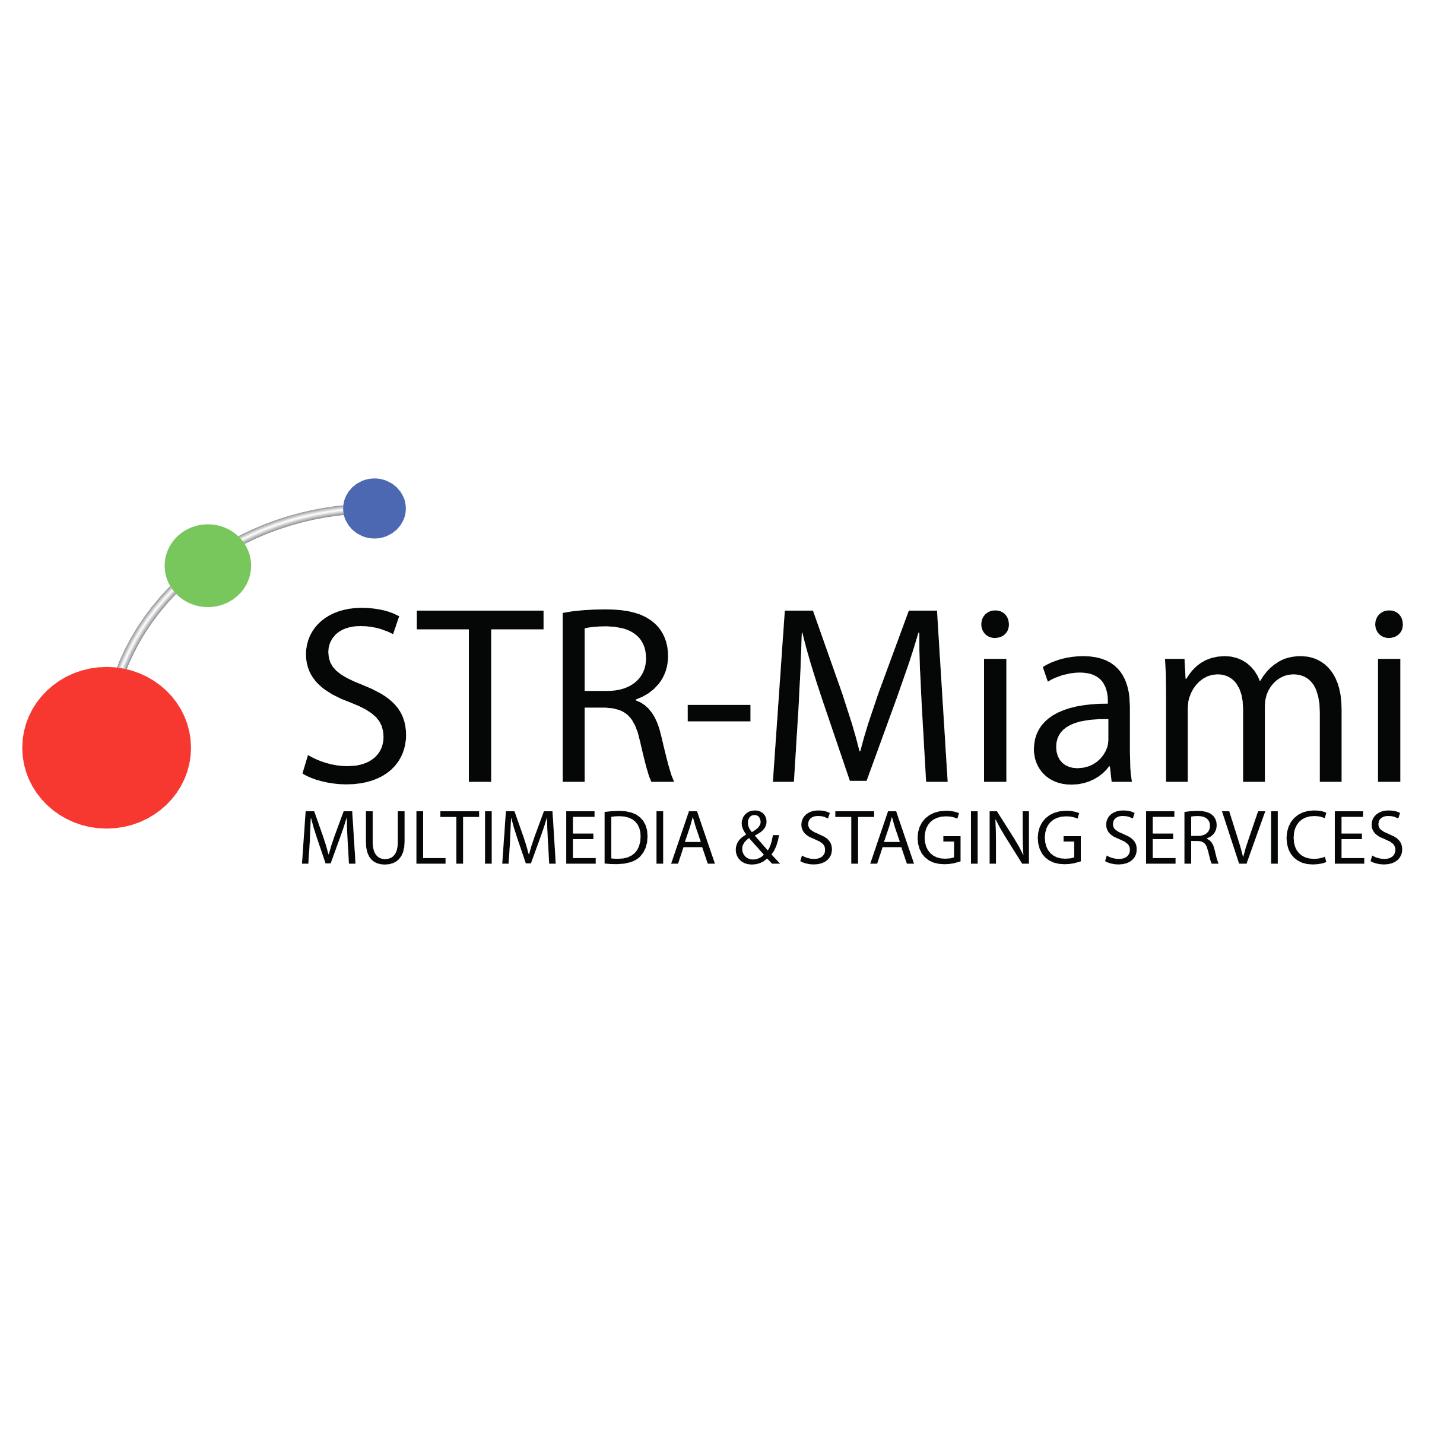 STR-Miami